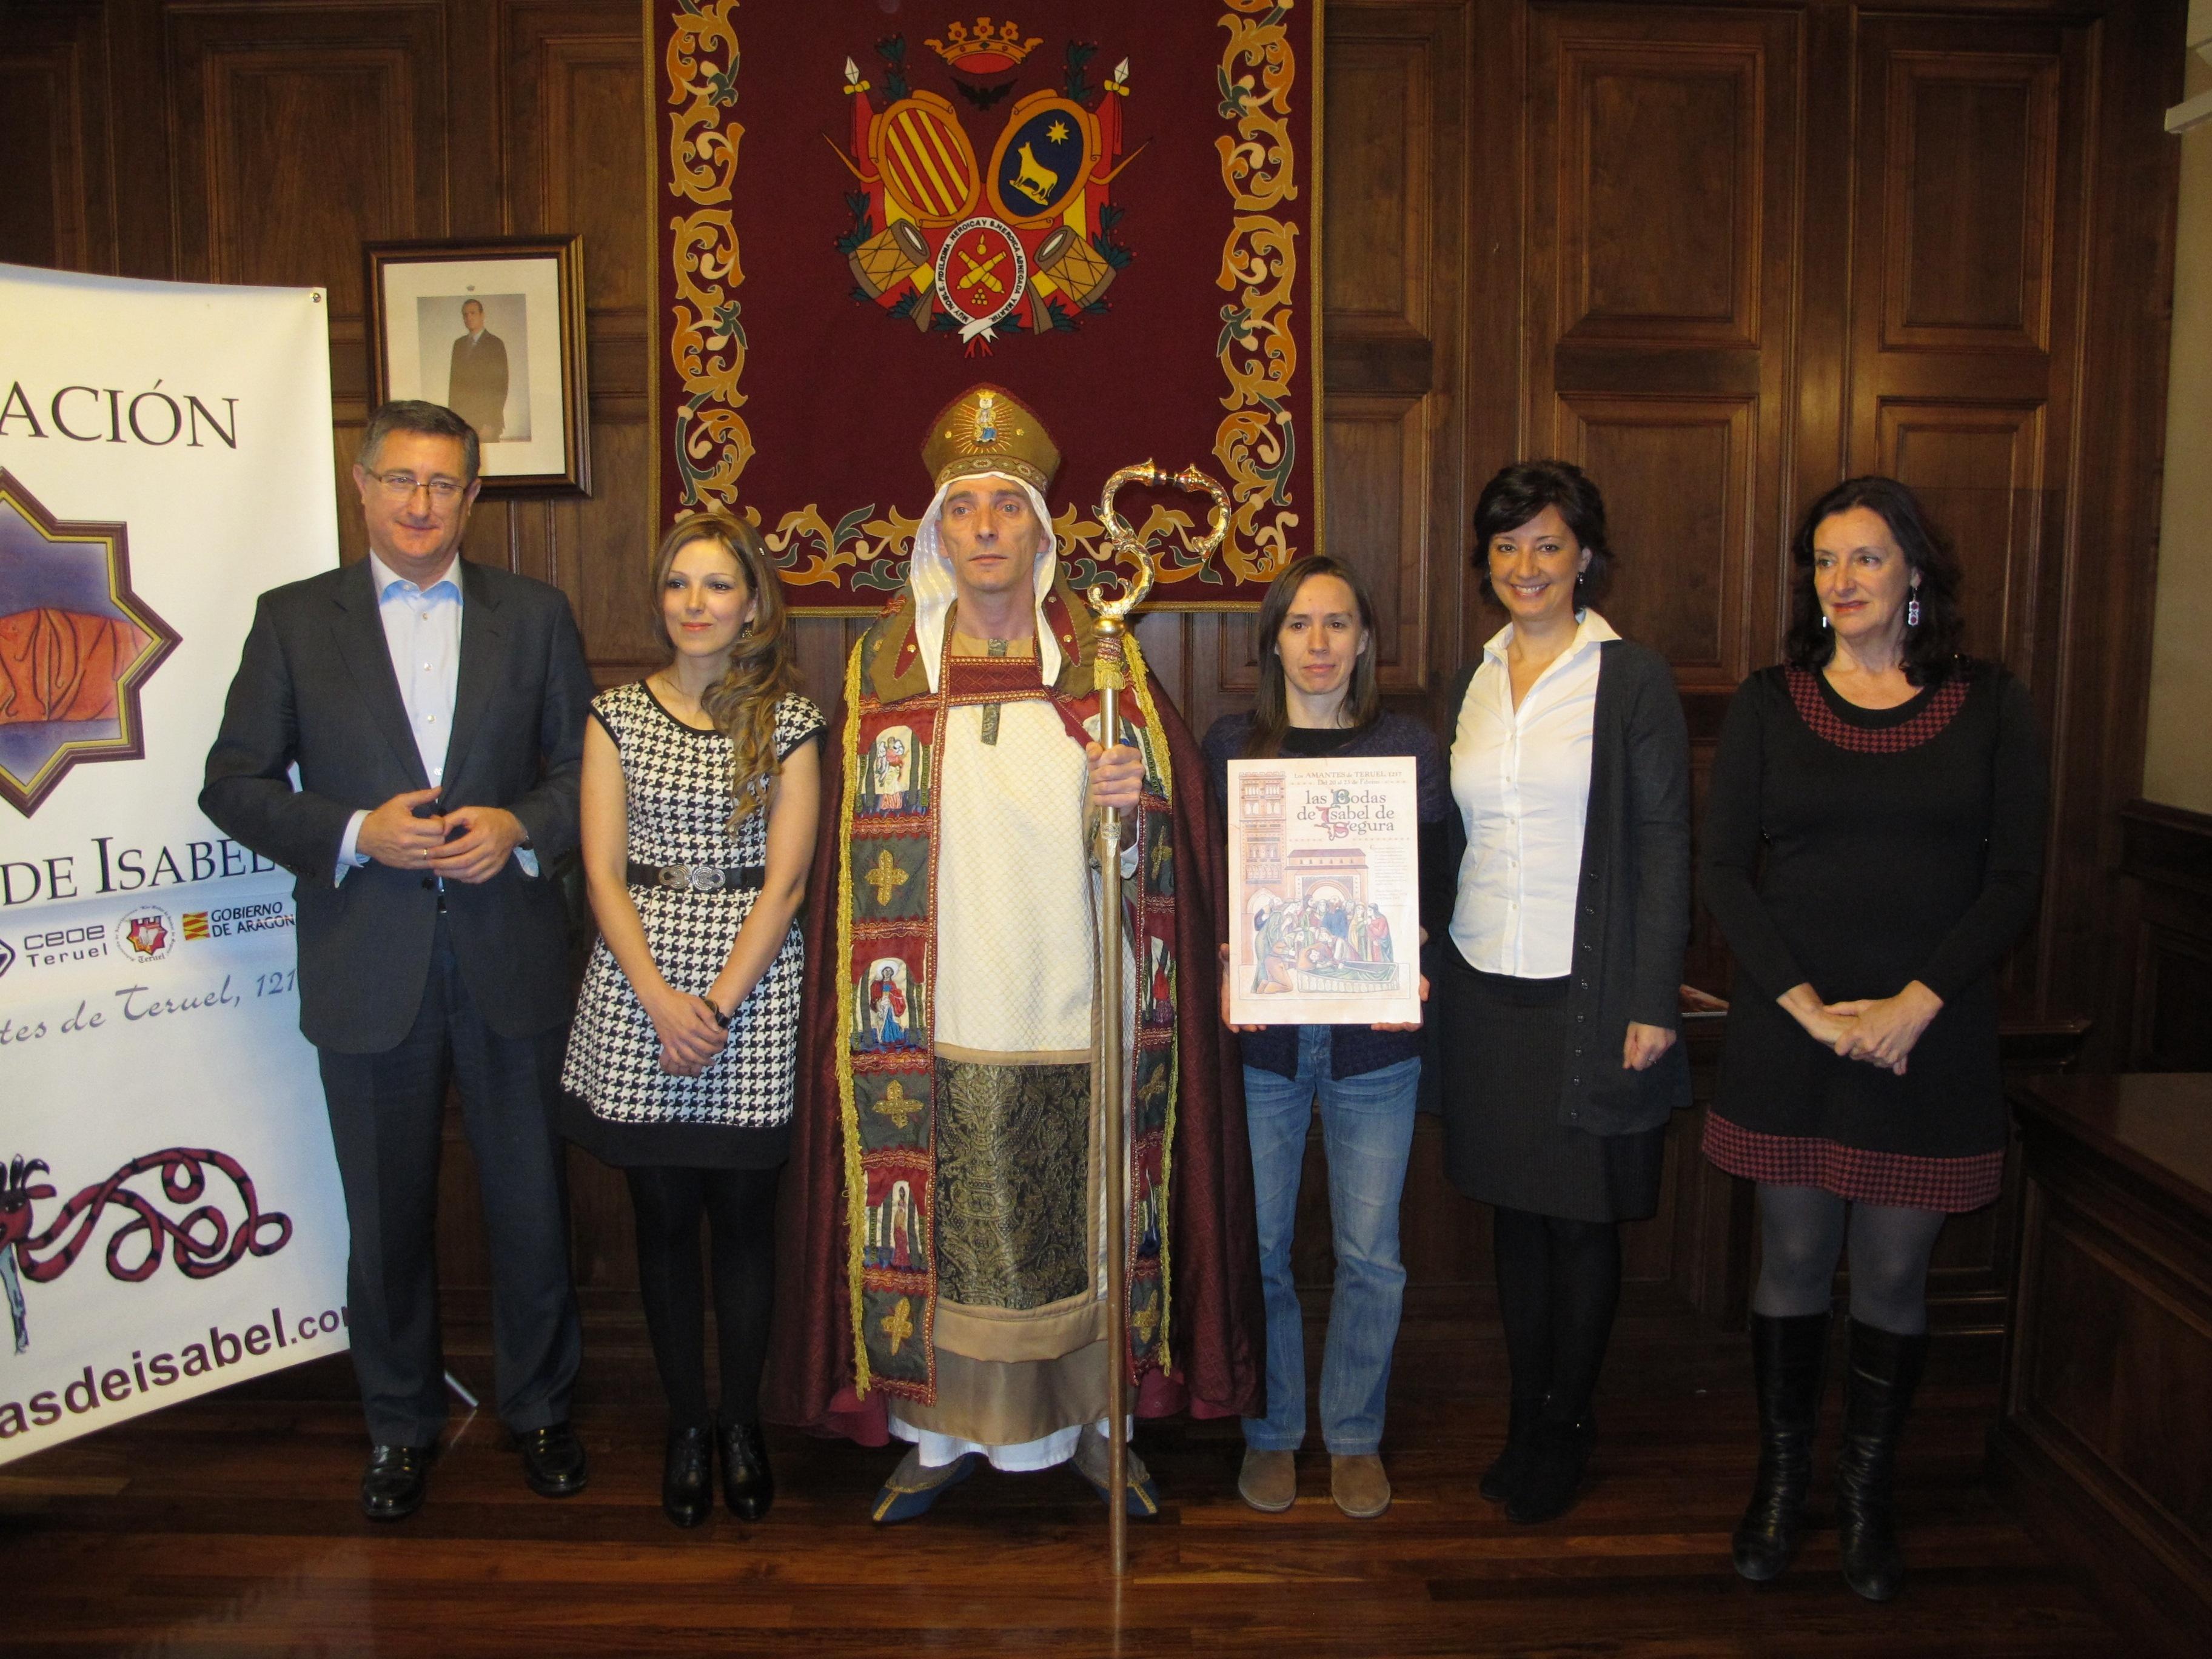 El cartel »Amor Incondicional» anunciará Las Bodas de Isabel 2014 en Teruel